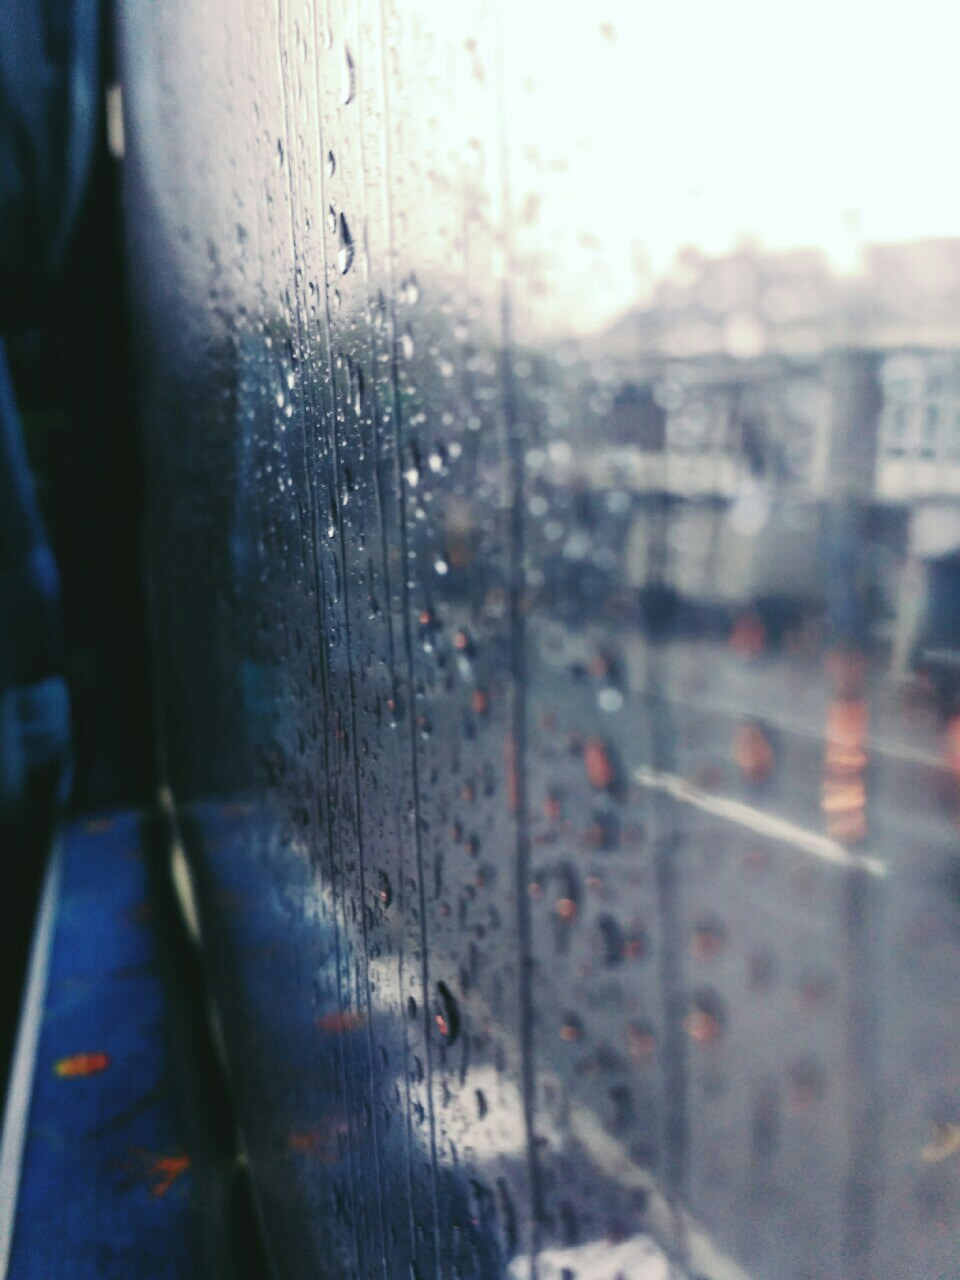 Melihat Wajahmu Dalam Rintikan Air Hujan Redmi 3 Fotografi Mi Community Xiaomi